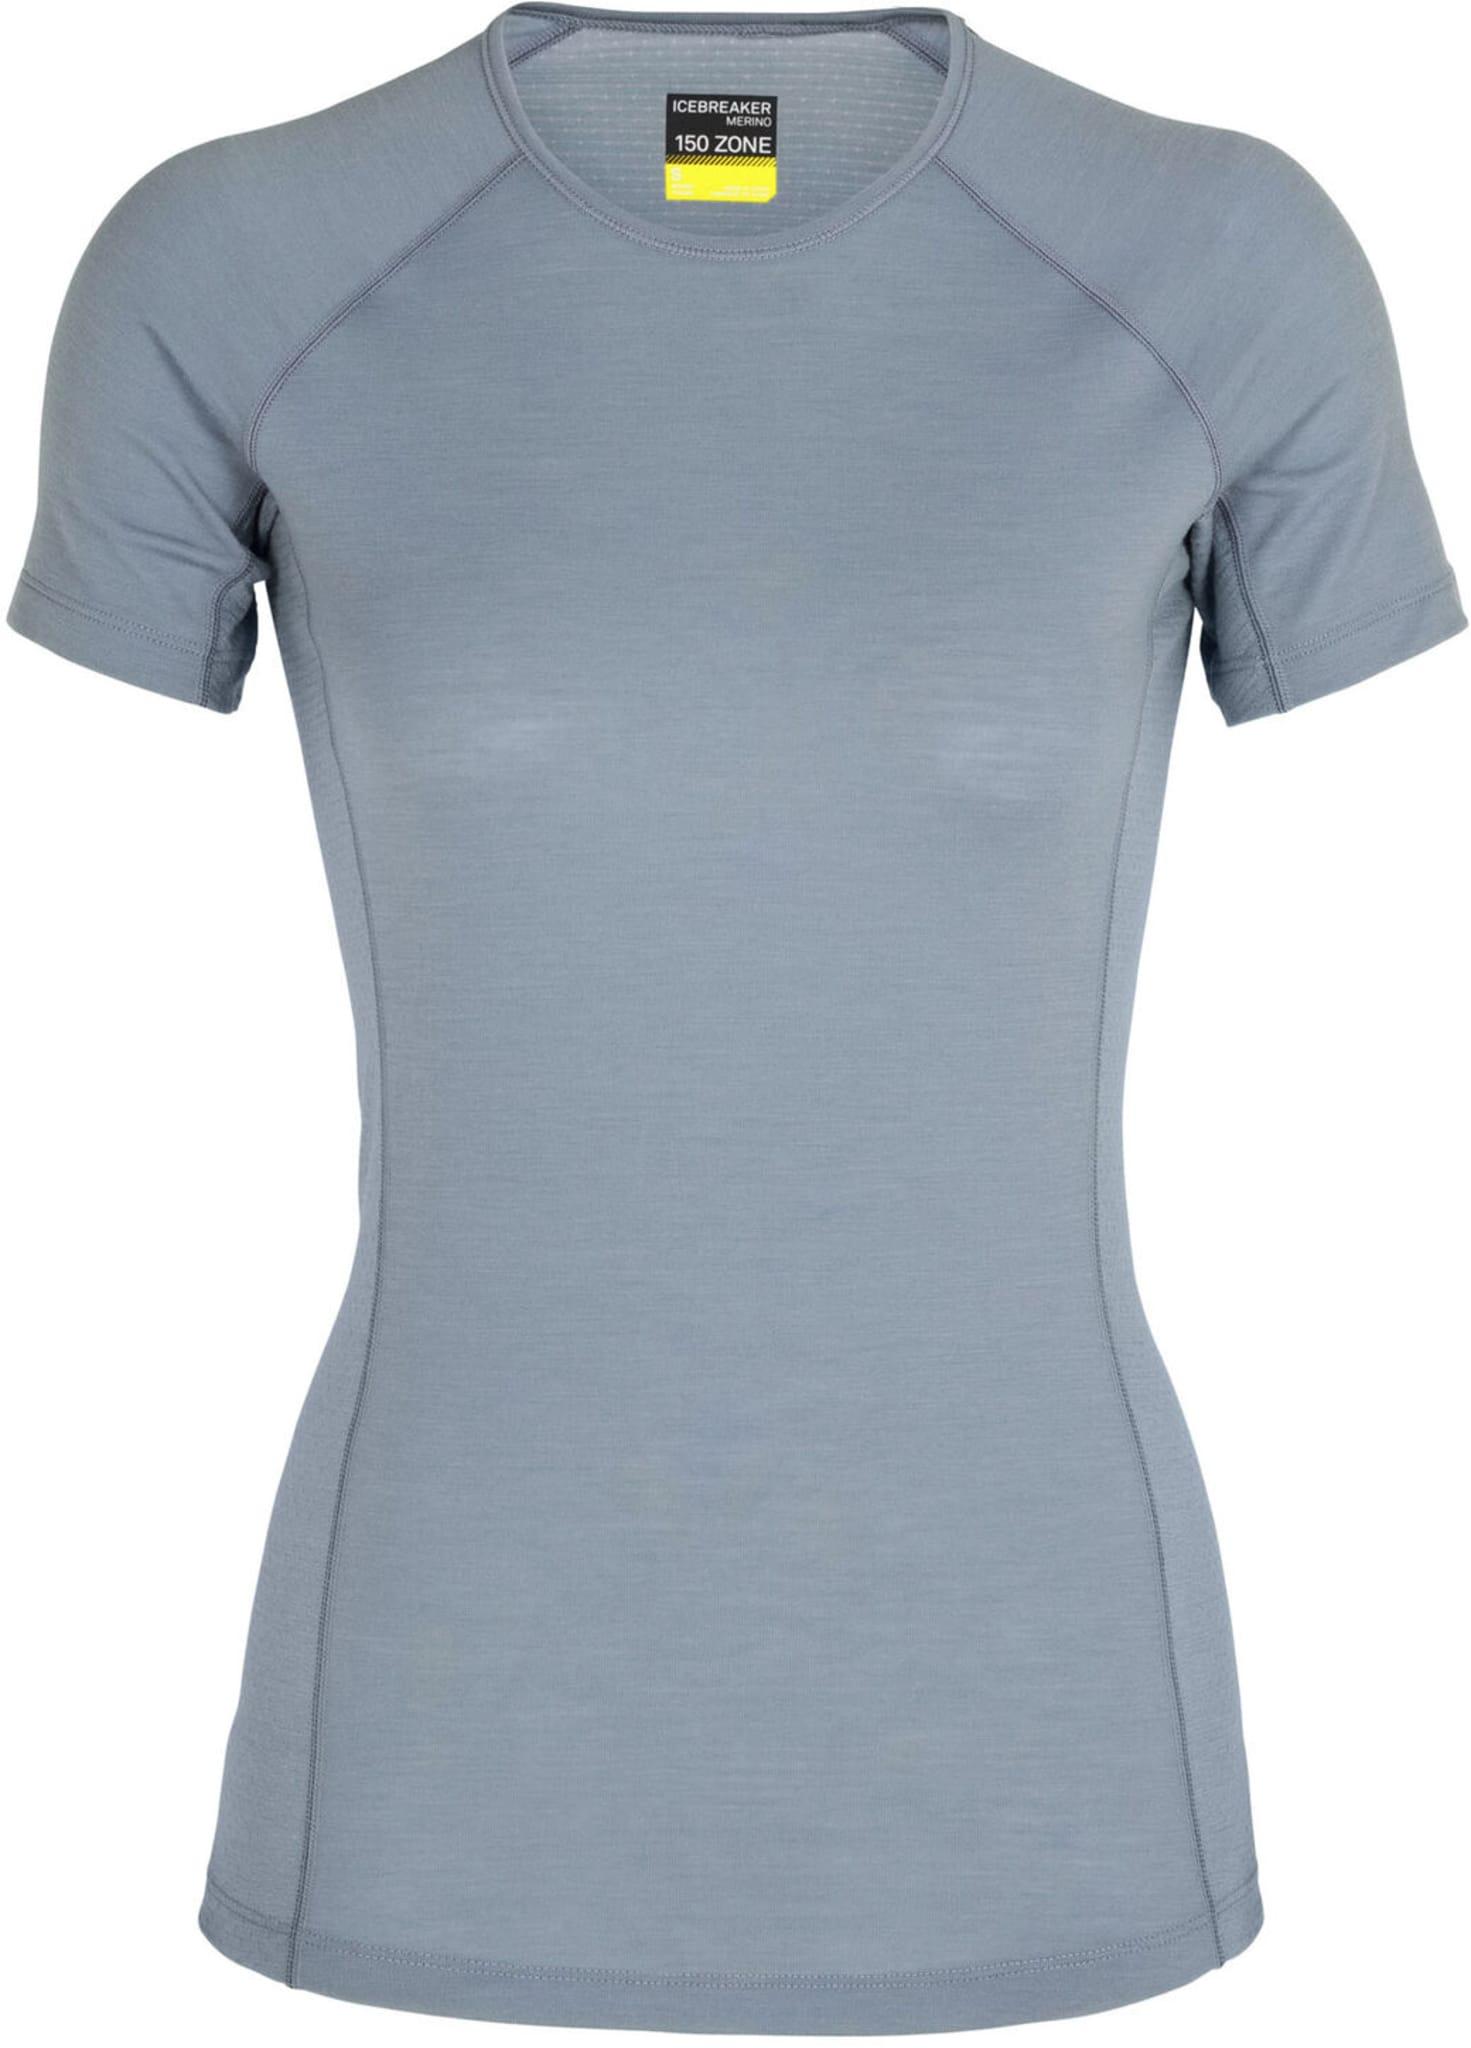 T-skjorte som kombinerer tynn ull og paneler med ullnetting på strategiske steder som under armene.